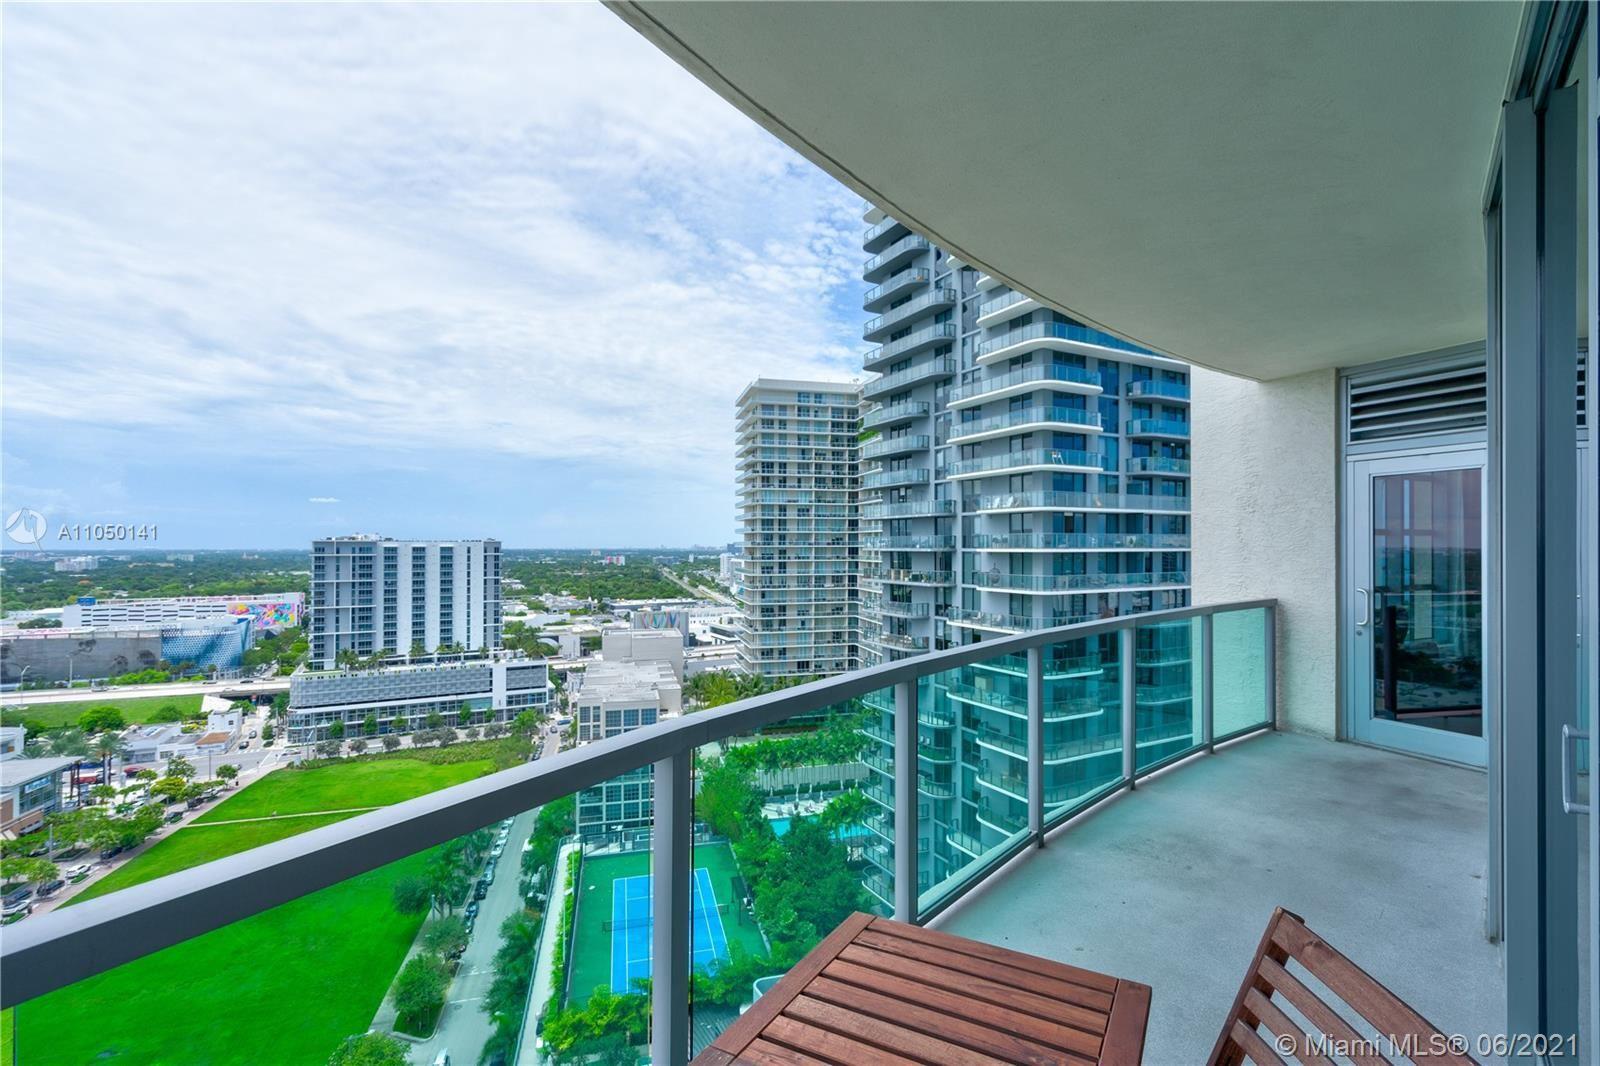 3301 NE 1st Ave #H2009, Miami, FL 33137 - #: A11050141